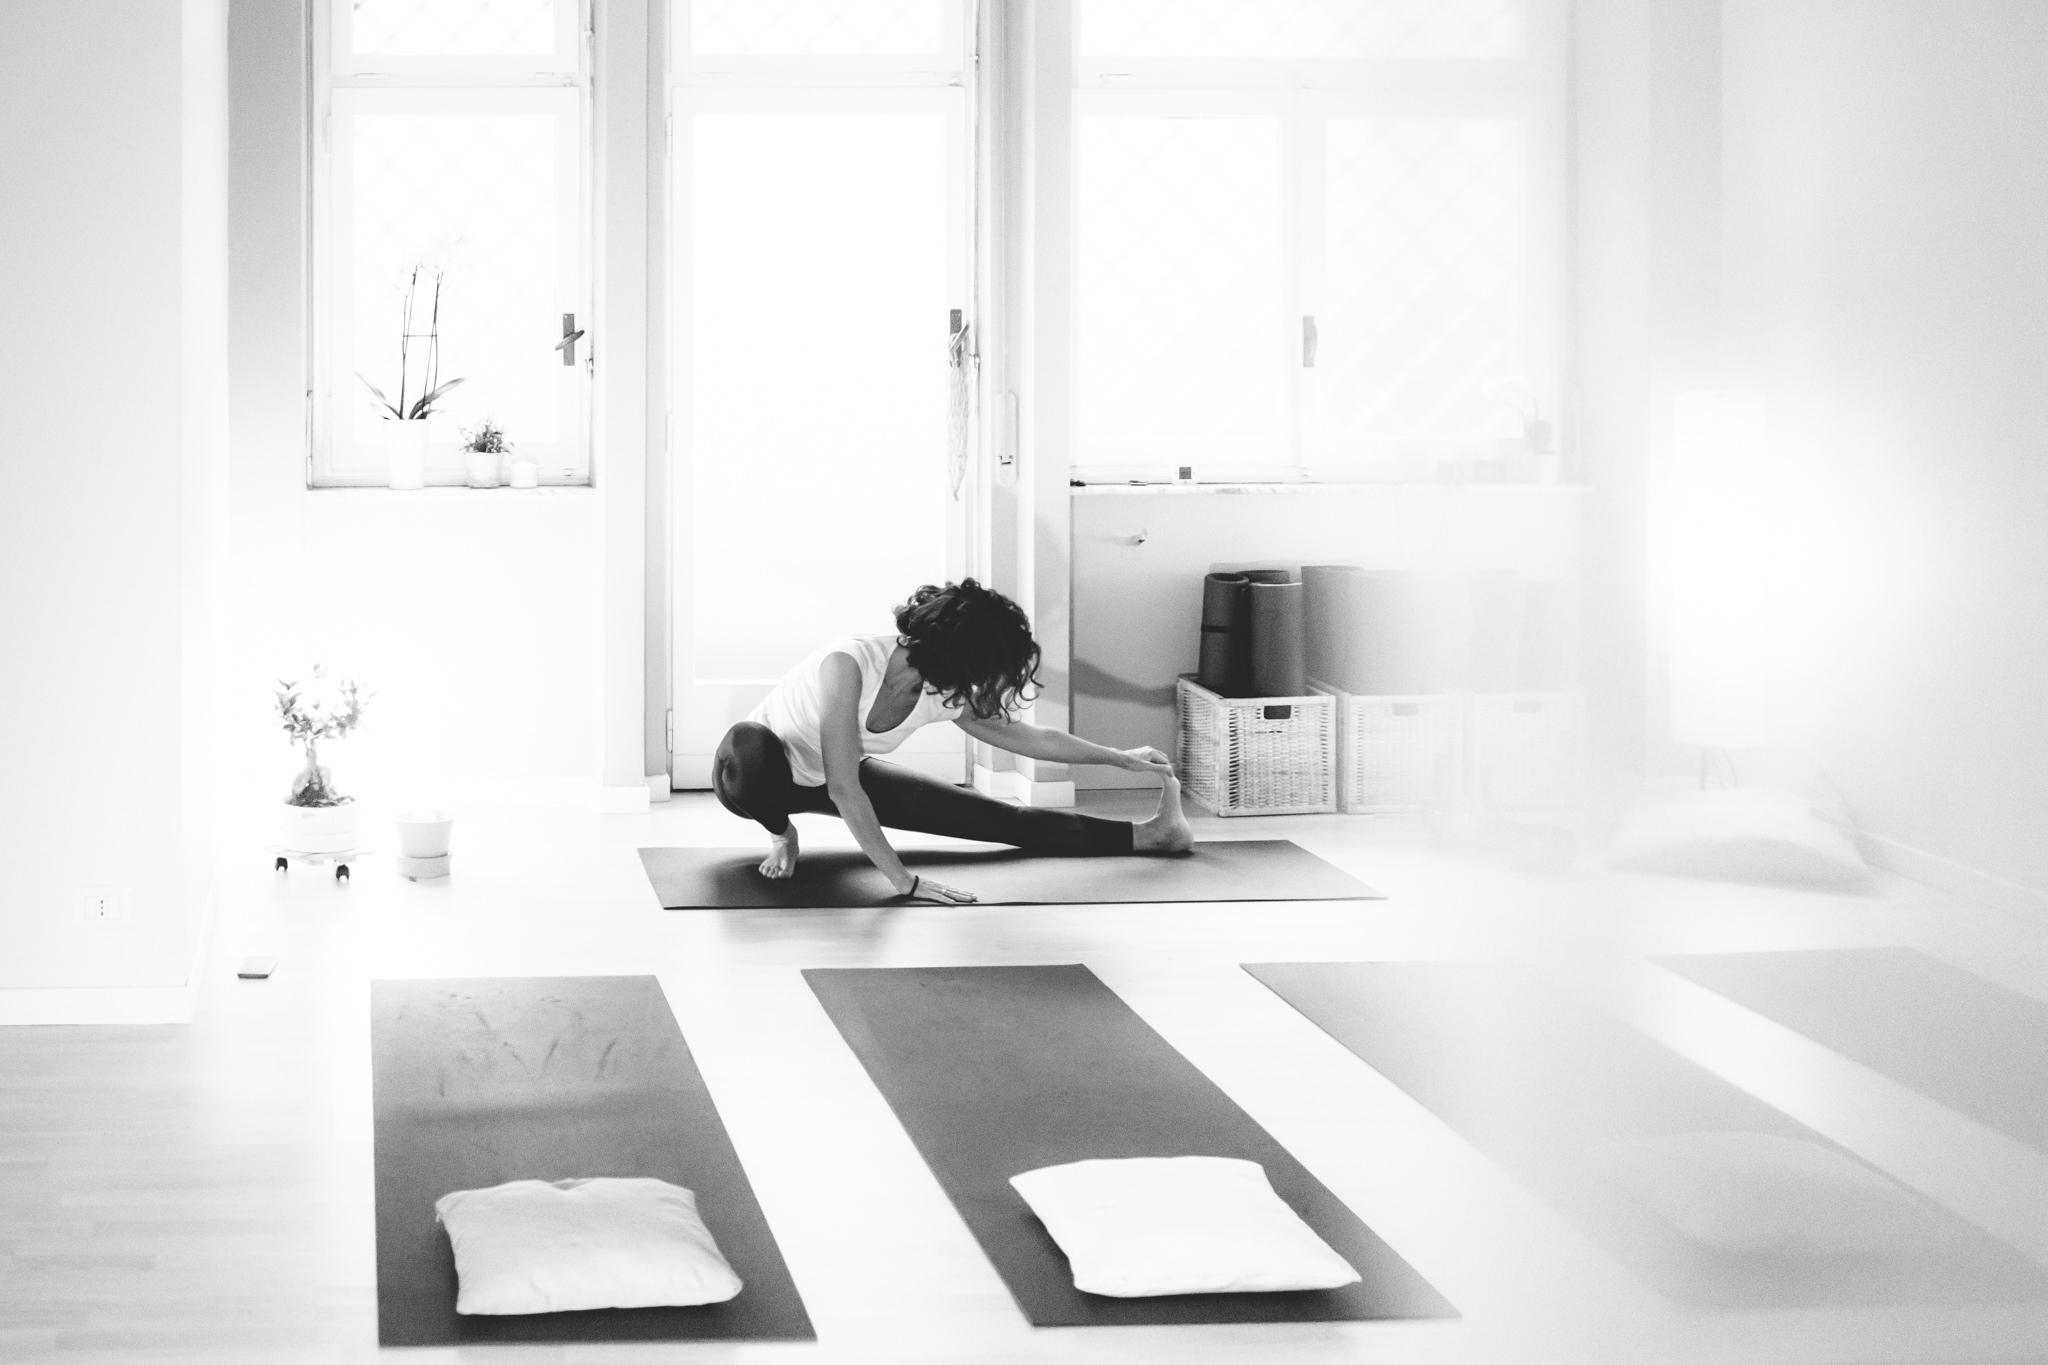 Luna Hatha yoga in English